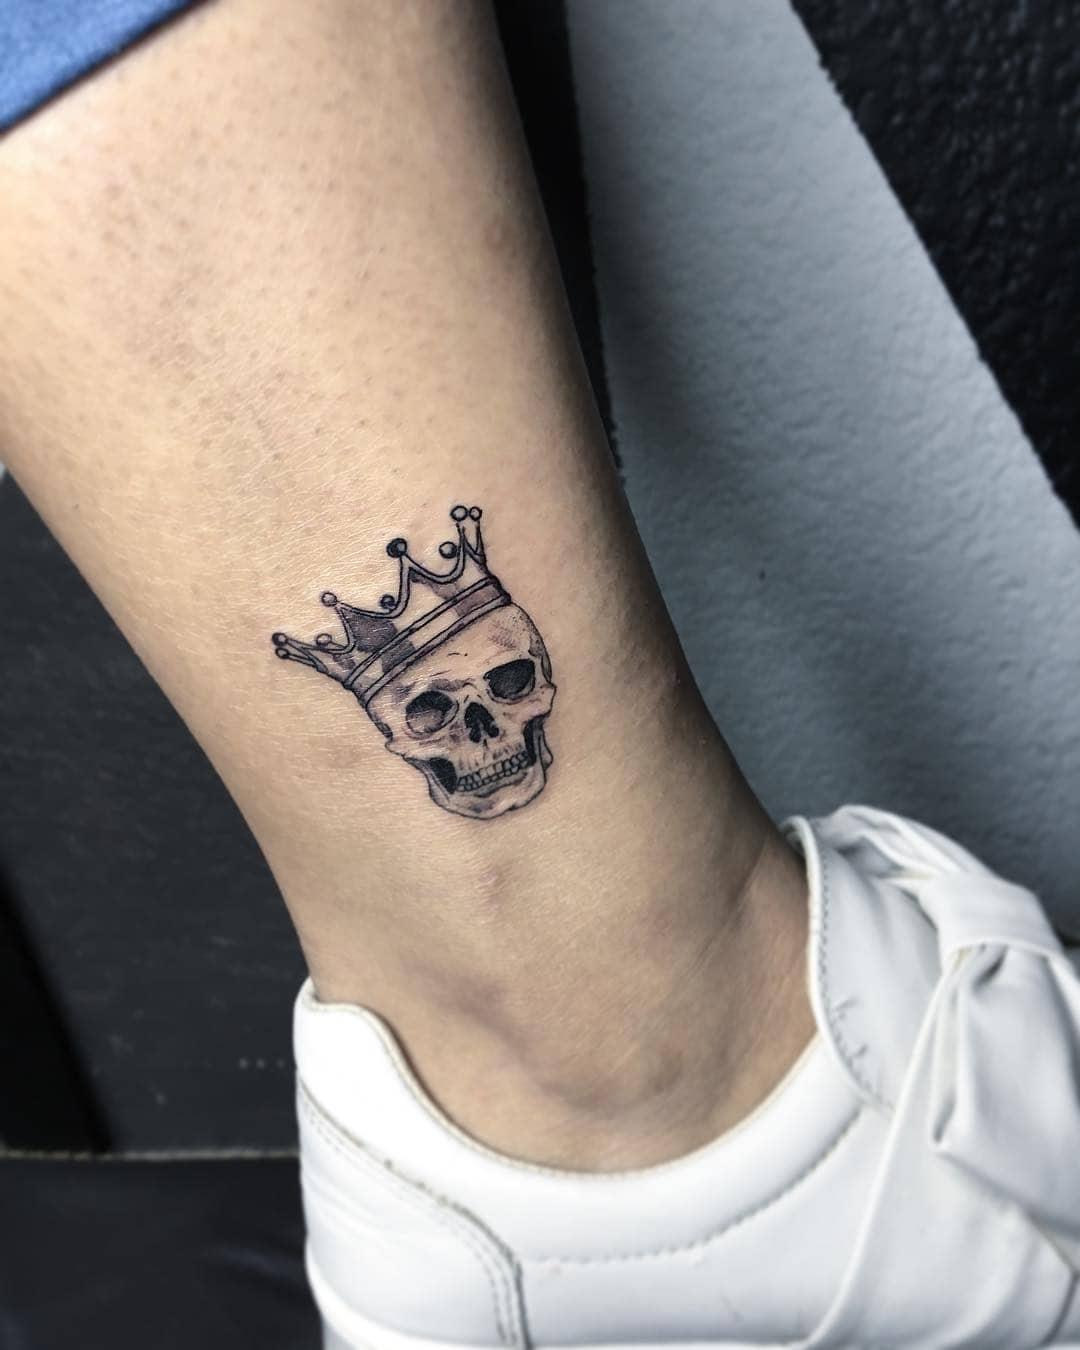 tatuaje pequeño para hombre de calavera y corona